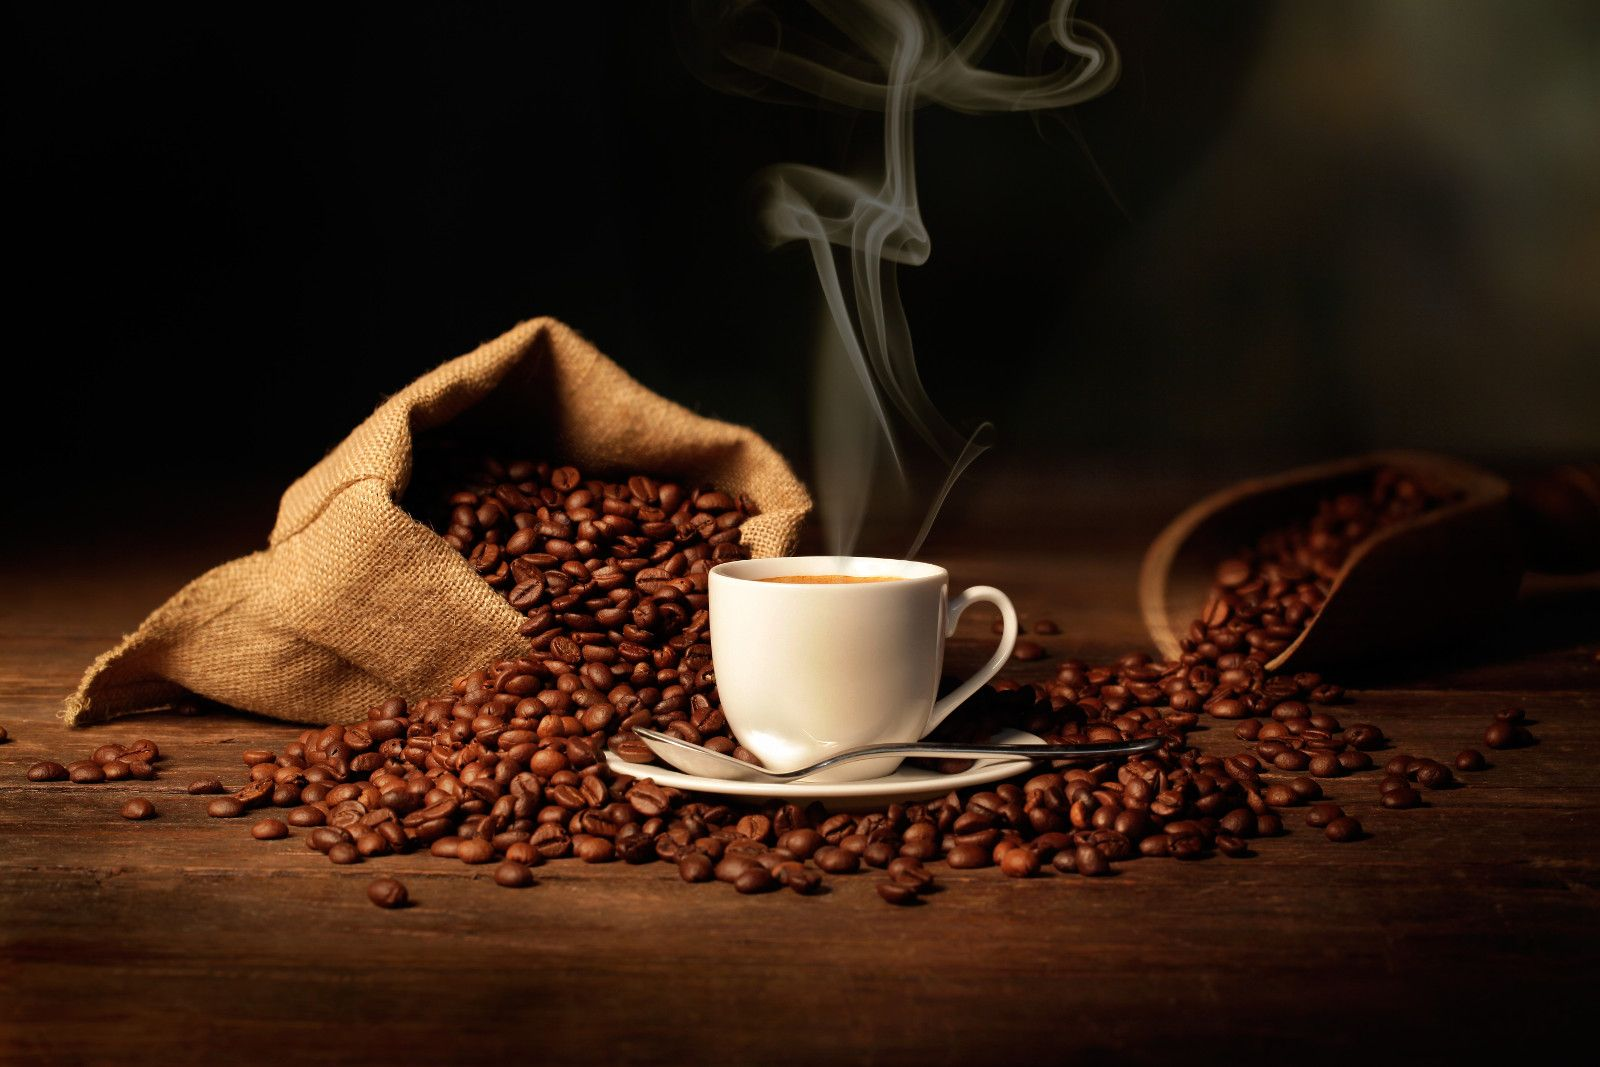 فوائد القهوة على الصحة و الجمال تقلل من خطر الموت لا شك أن الجميع في النهاية سوف يموت و لكن قد تكون هناك بعض ا Coffee Beans Coffee Shop Coffee Cafe